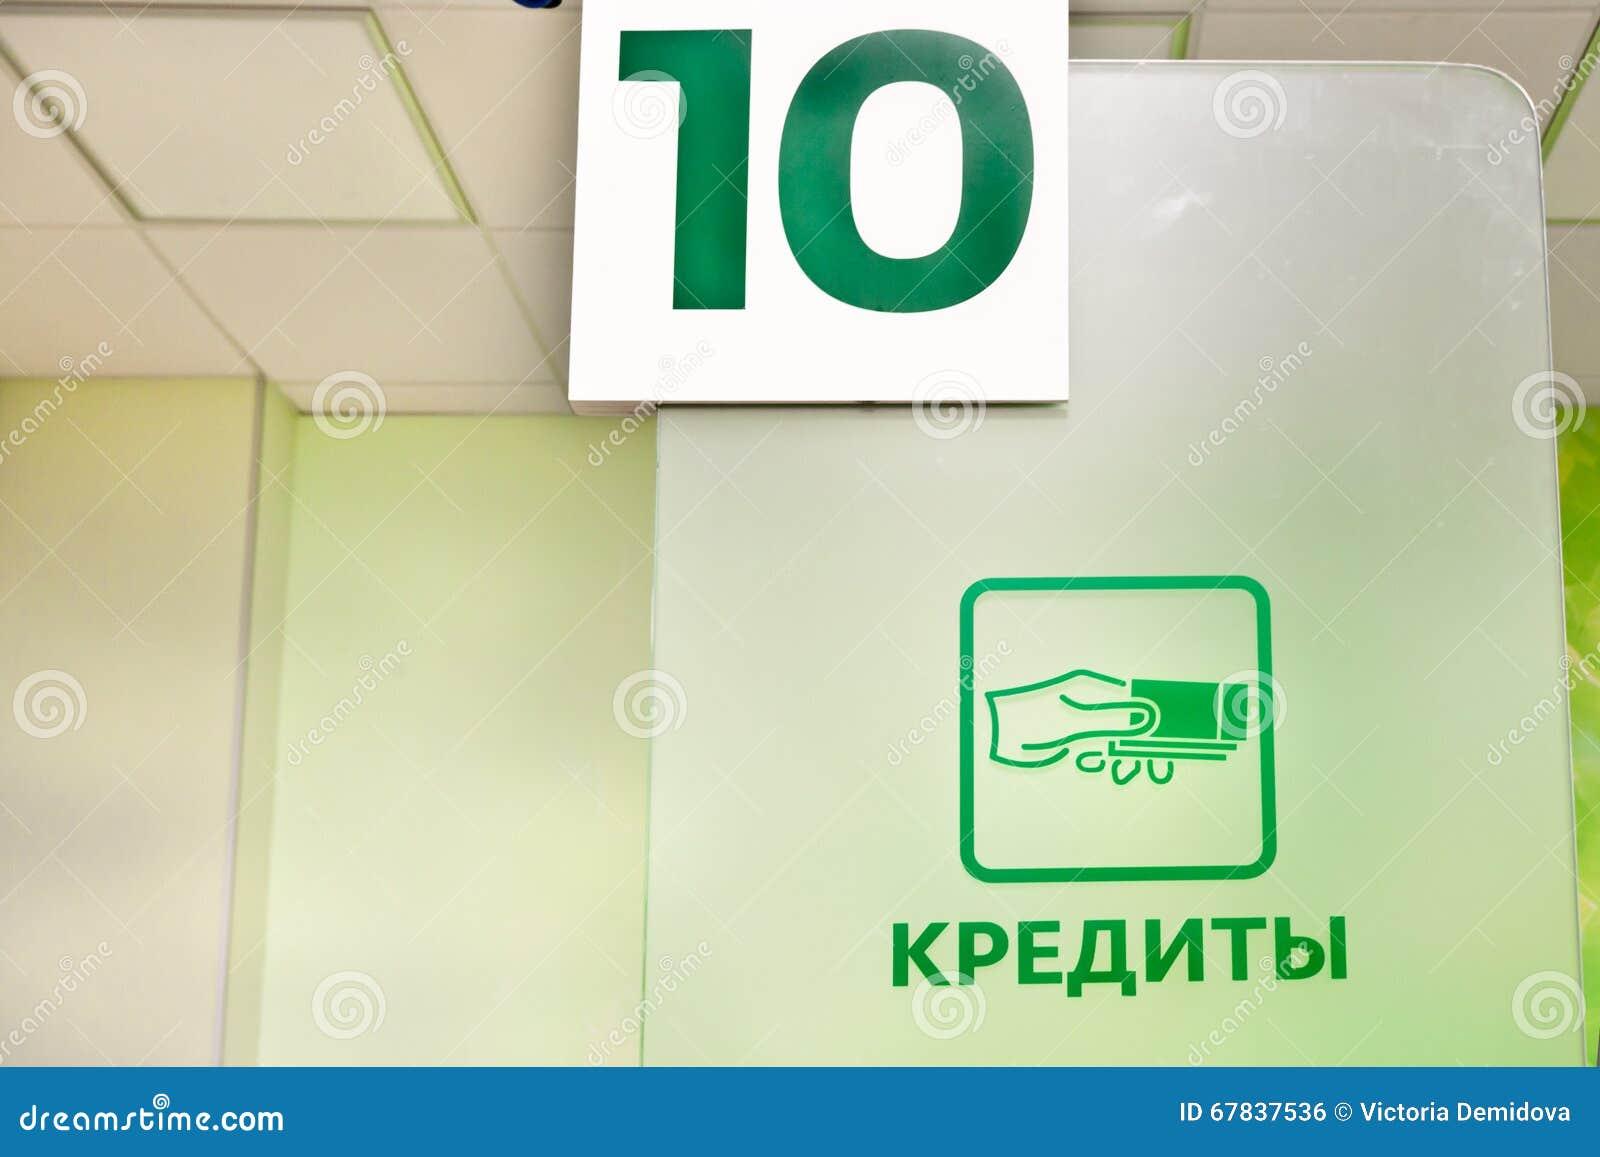 Kredite bei Sberbank der Russischen Föderation